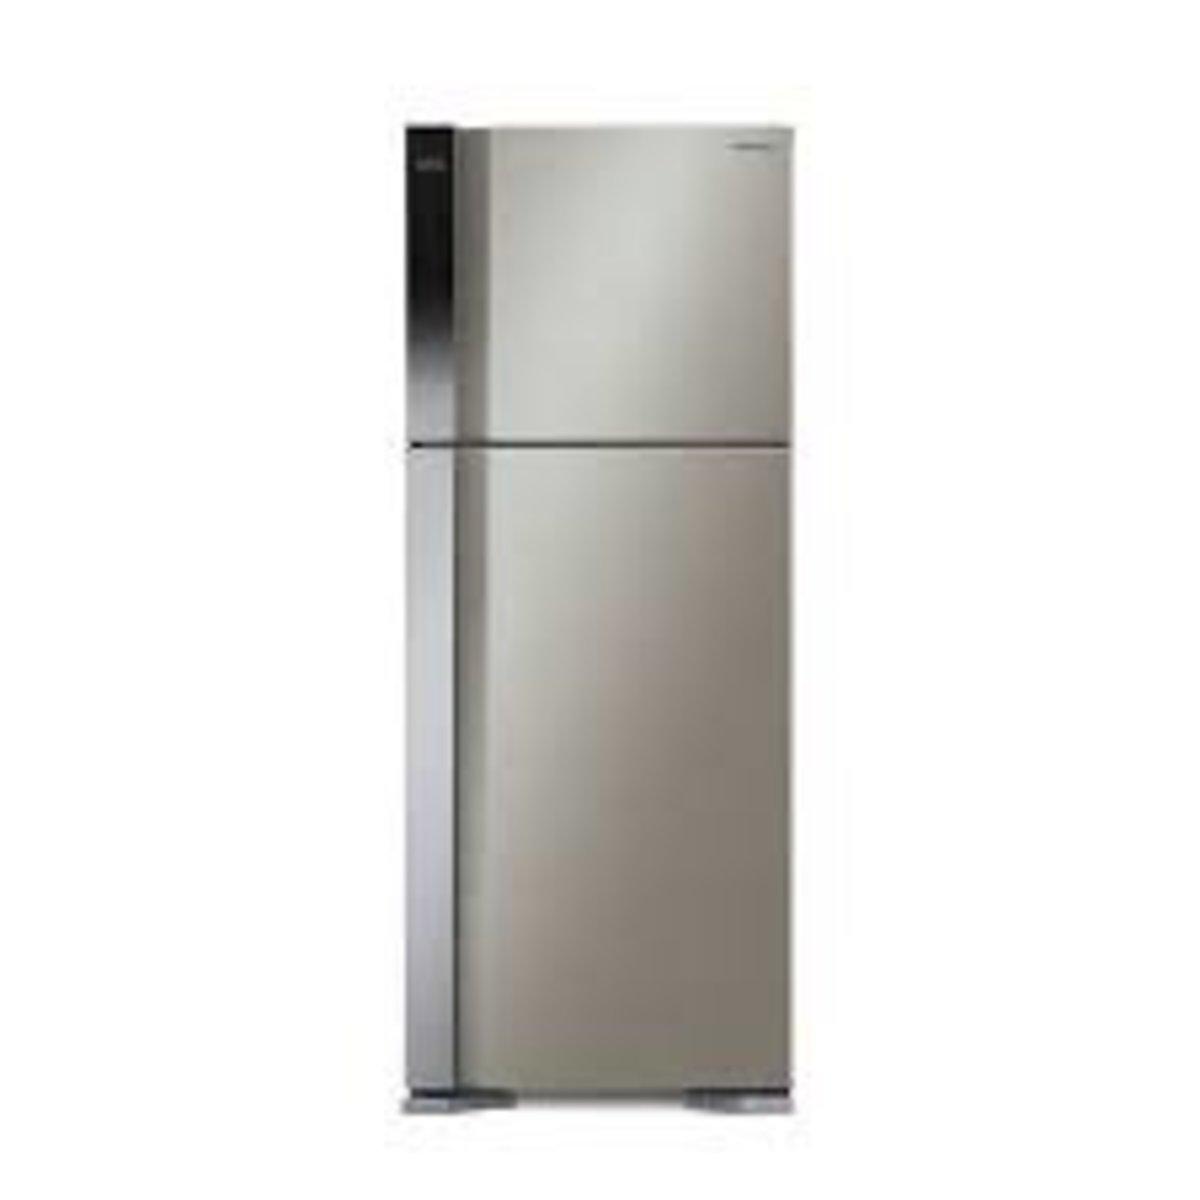 日立 R-V541P7H 437公升 頂層冷藏式雙門雪櫃(不銹鋼色)